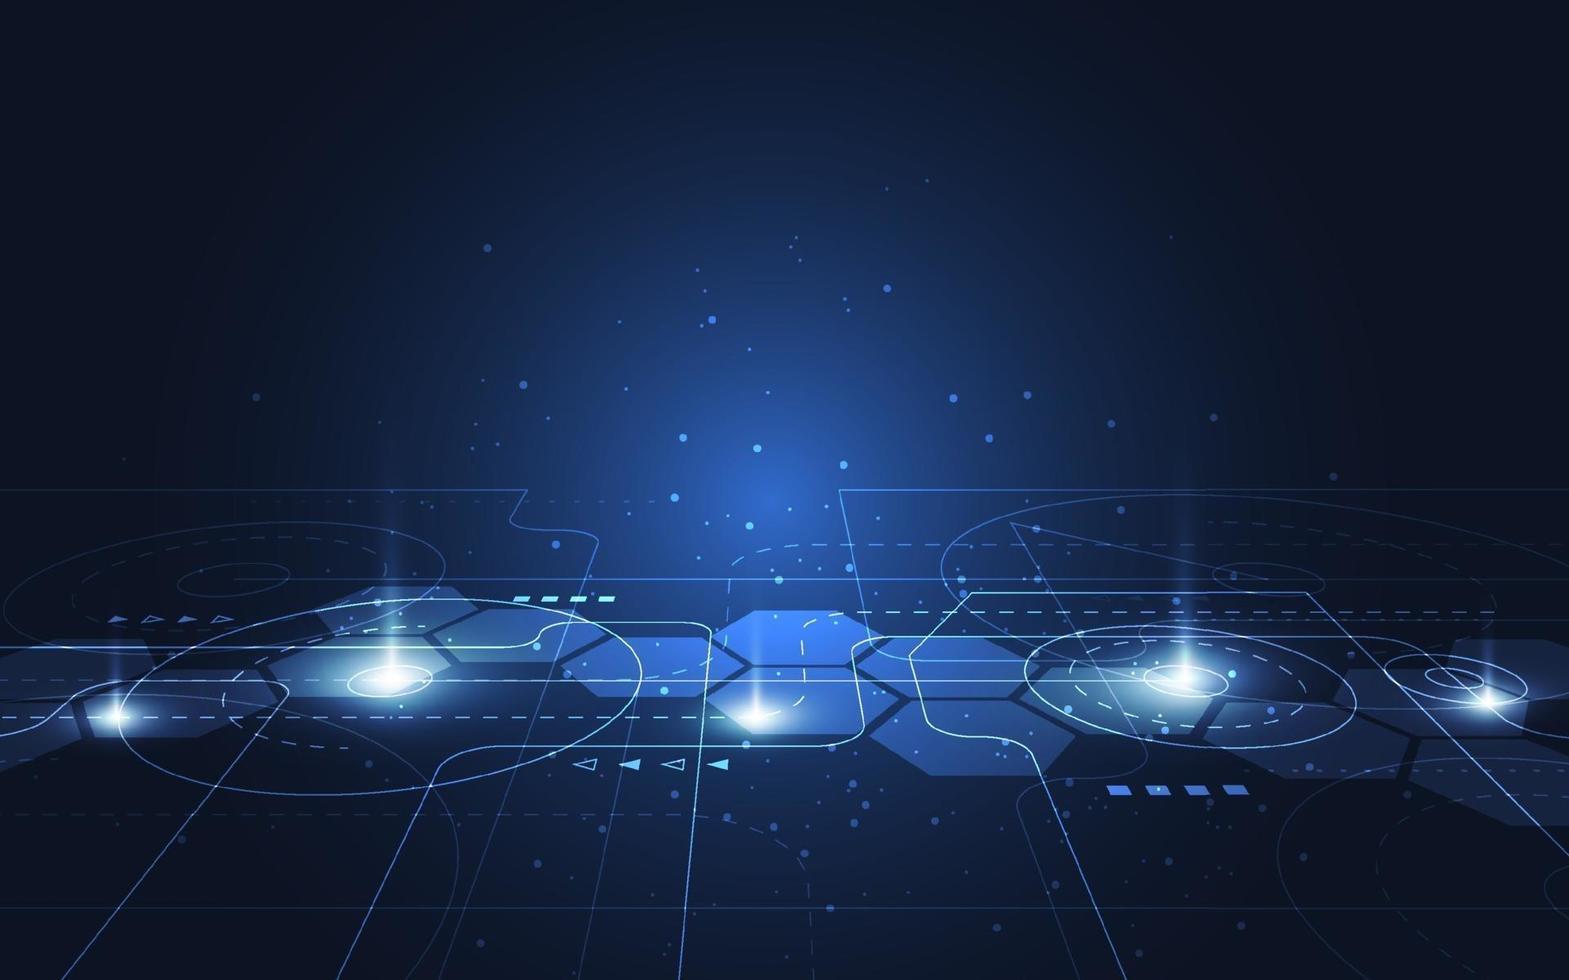 abstracte technologie punt en lijn verbinding digitale hi-tech ontwerp concept achtergrond. ruimte voor tekst. vector illustratie